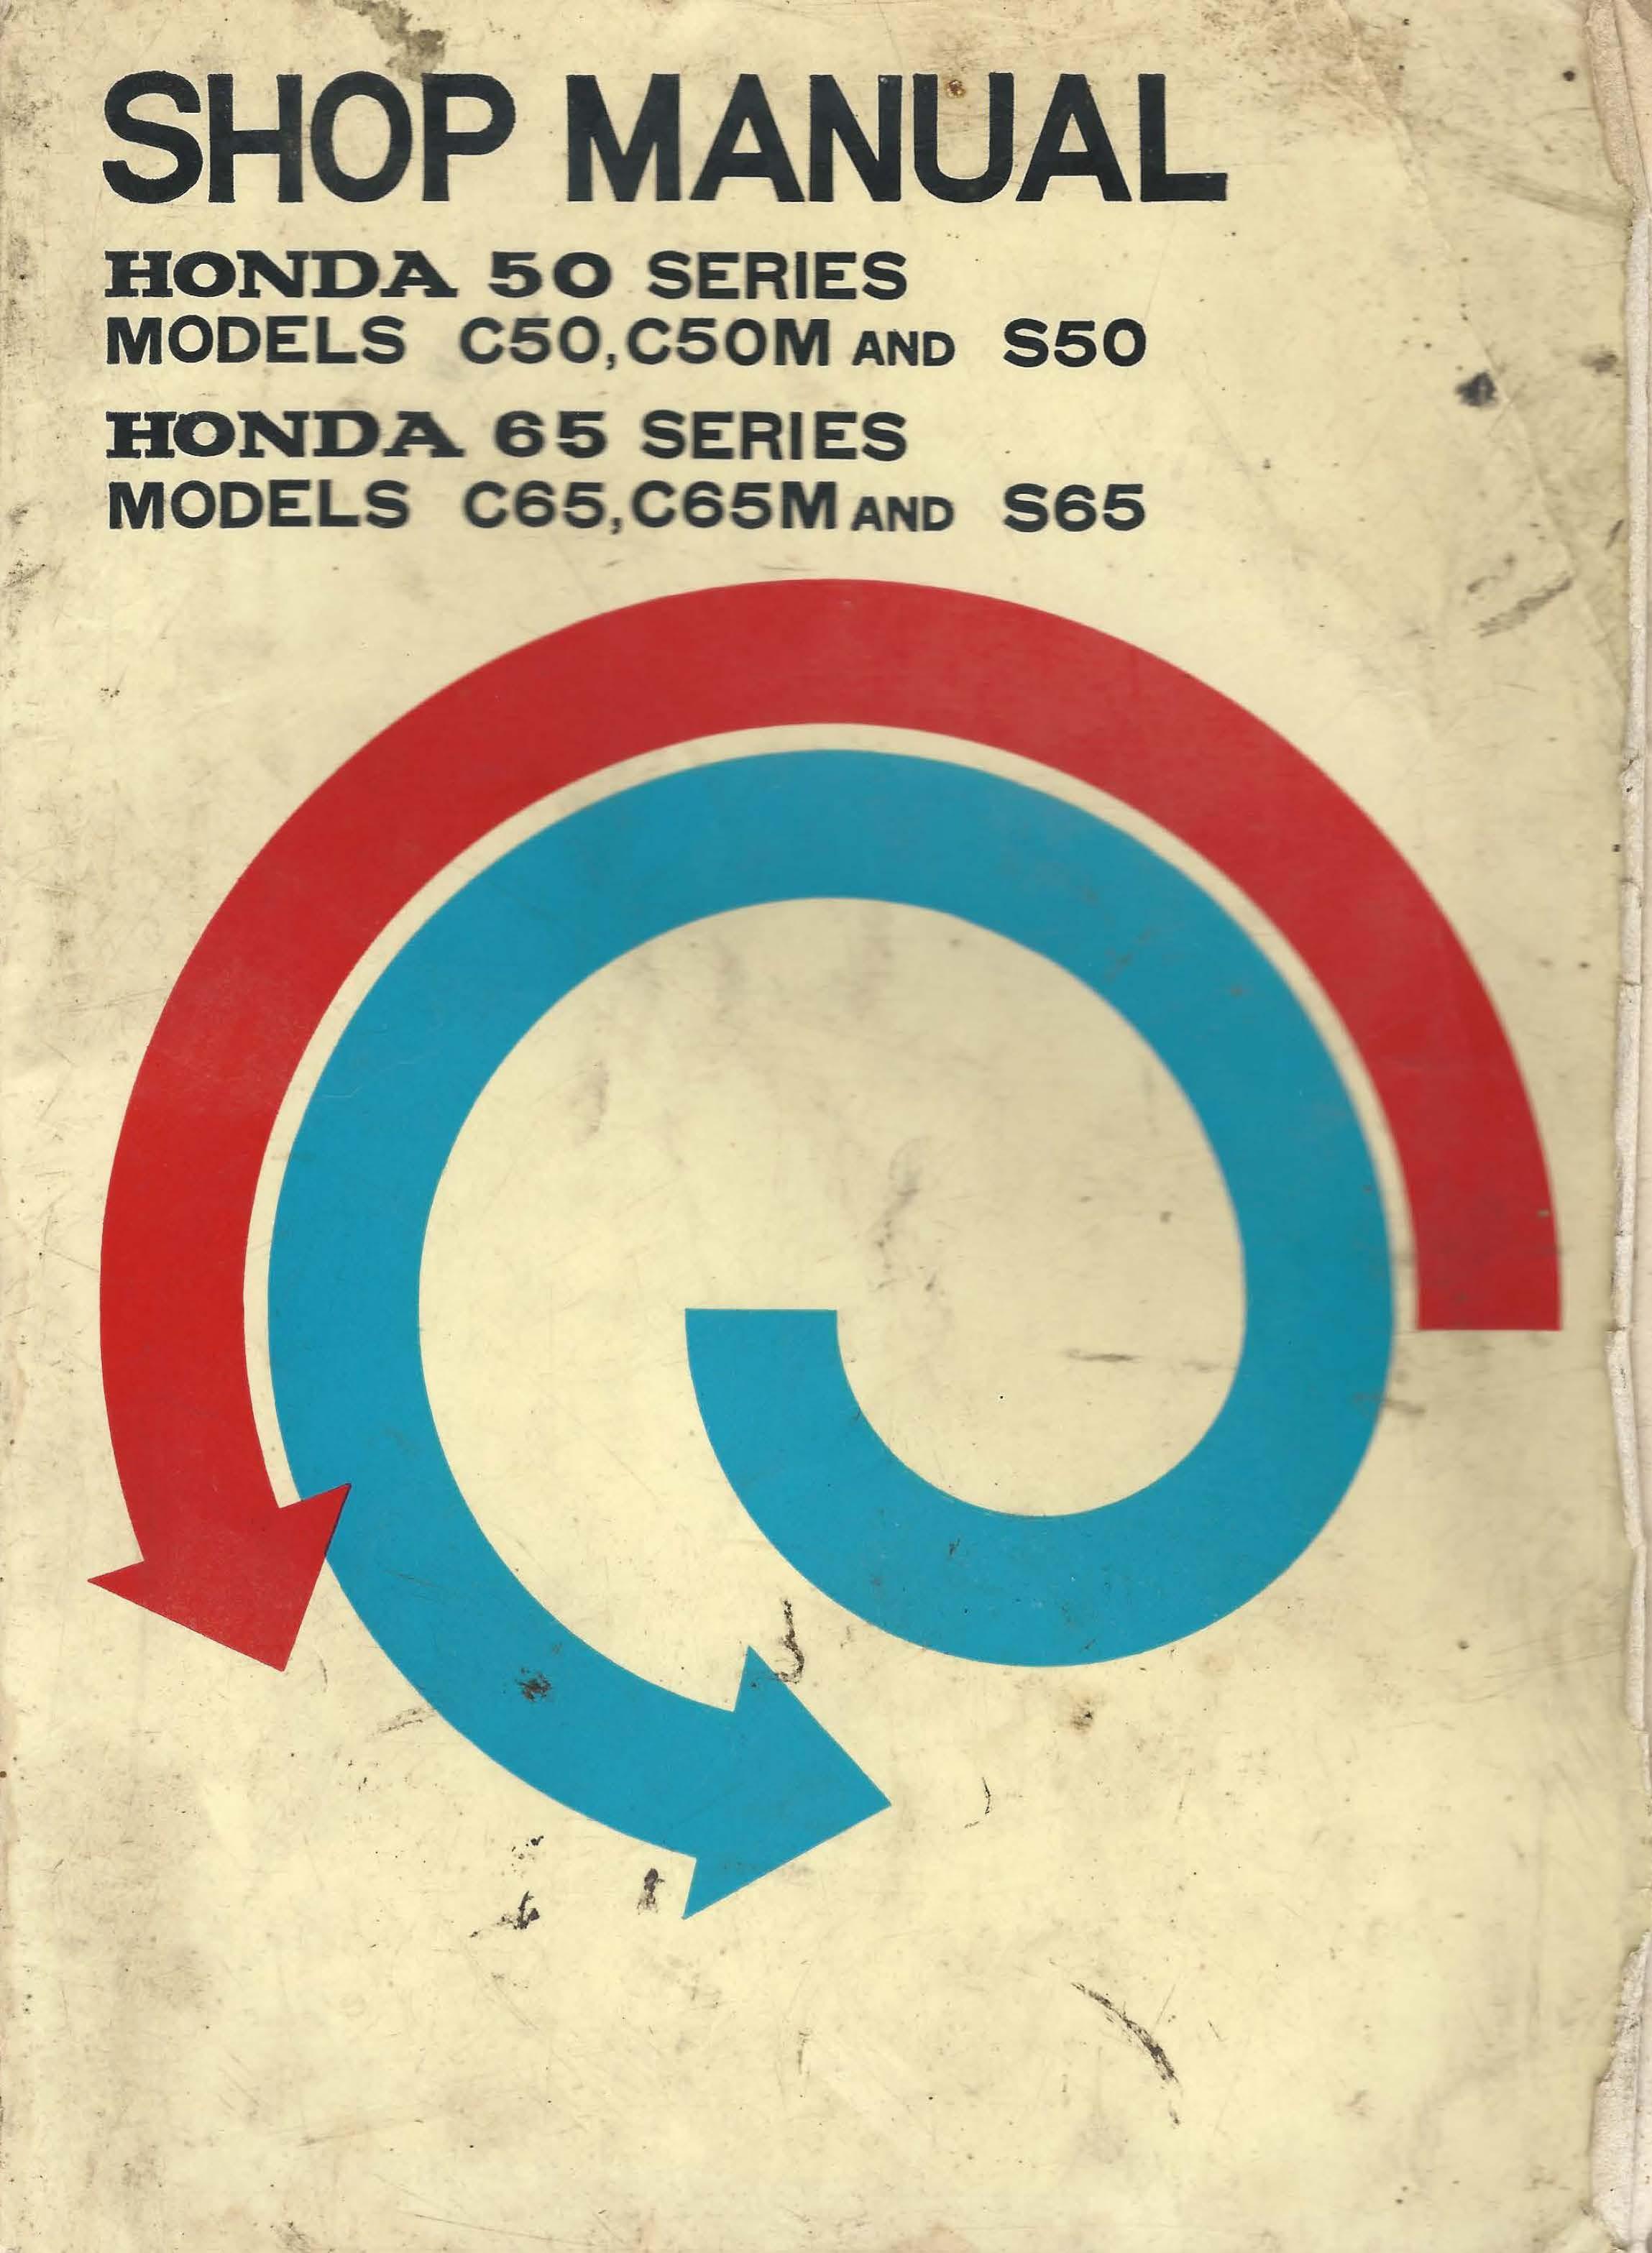 Workshop manual for Honda C50M (1966)